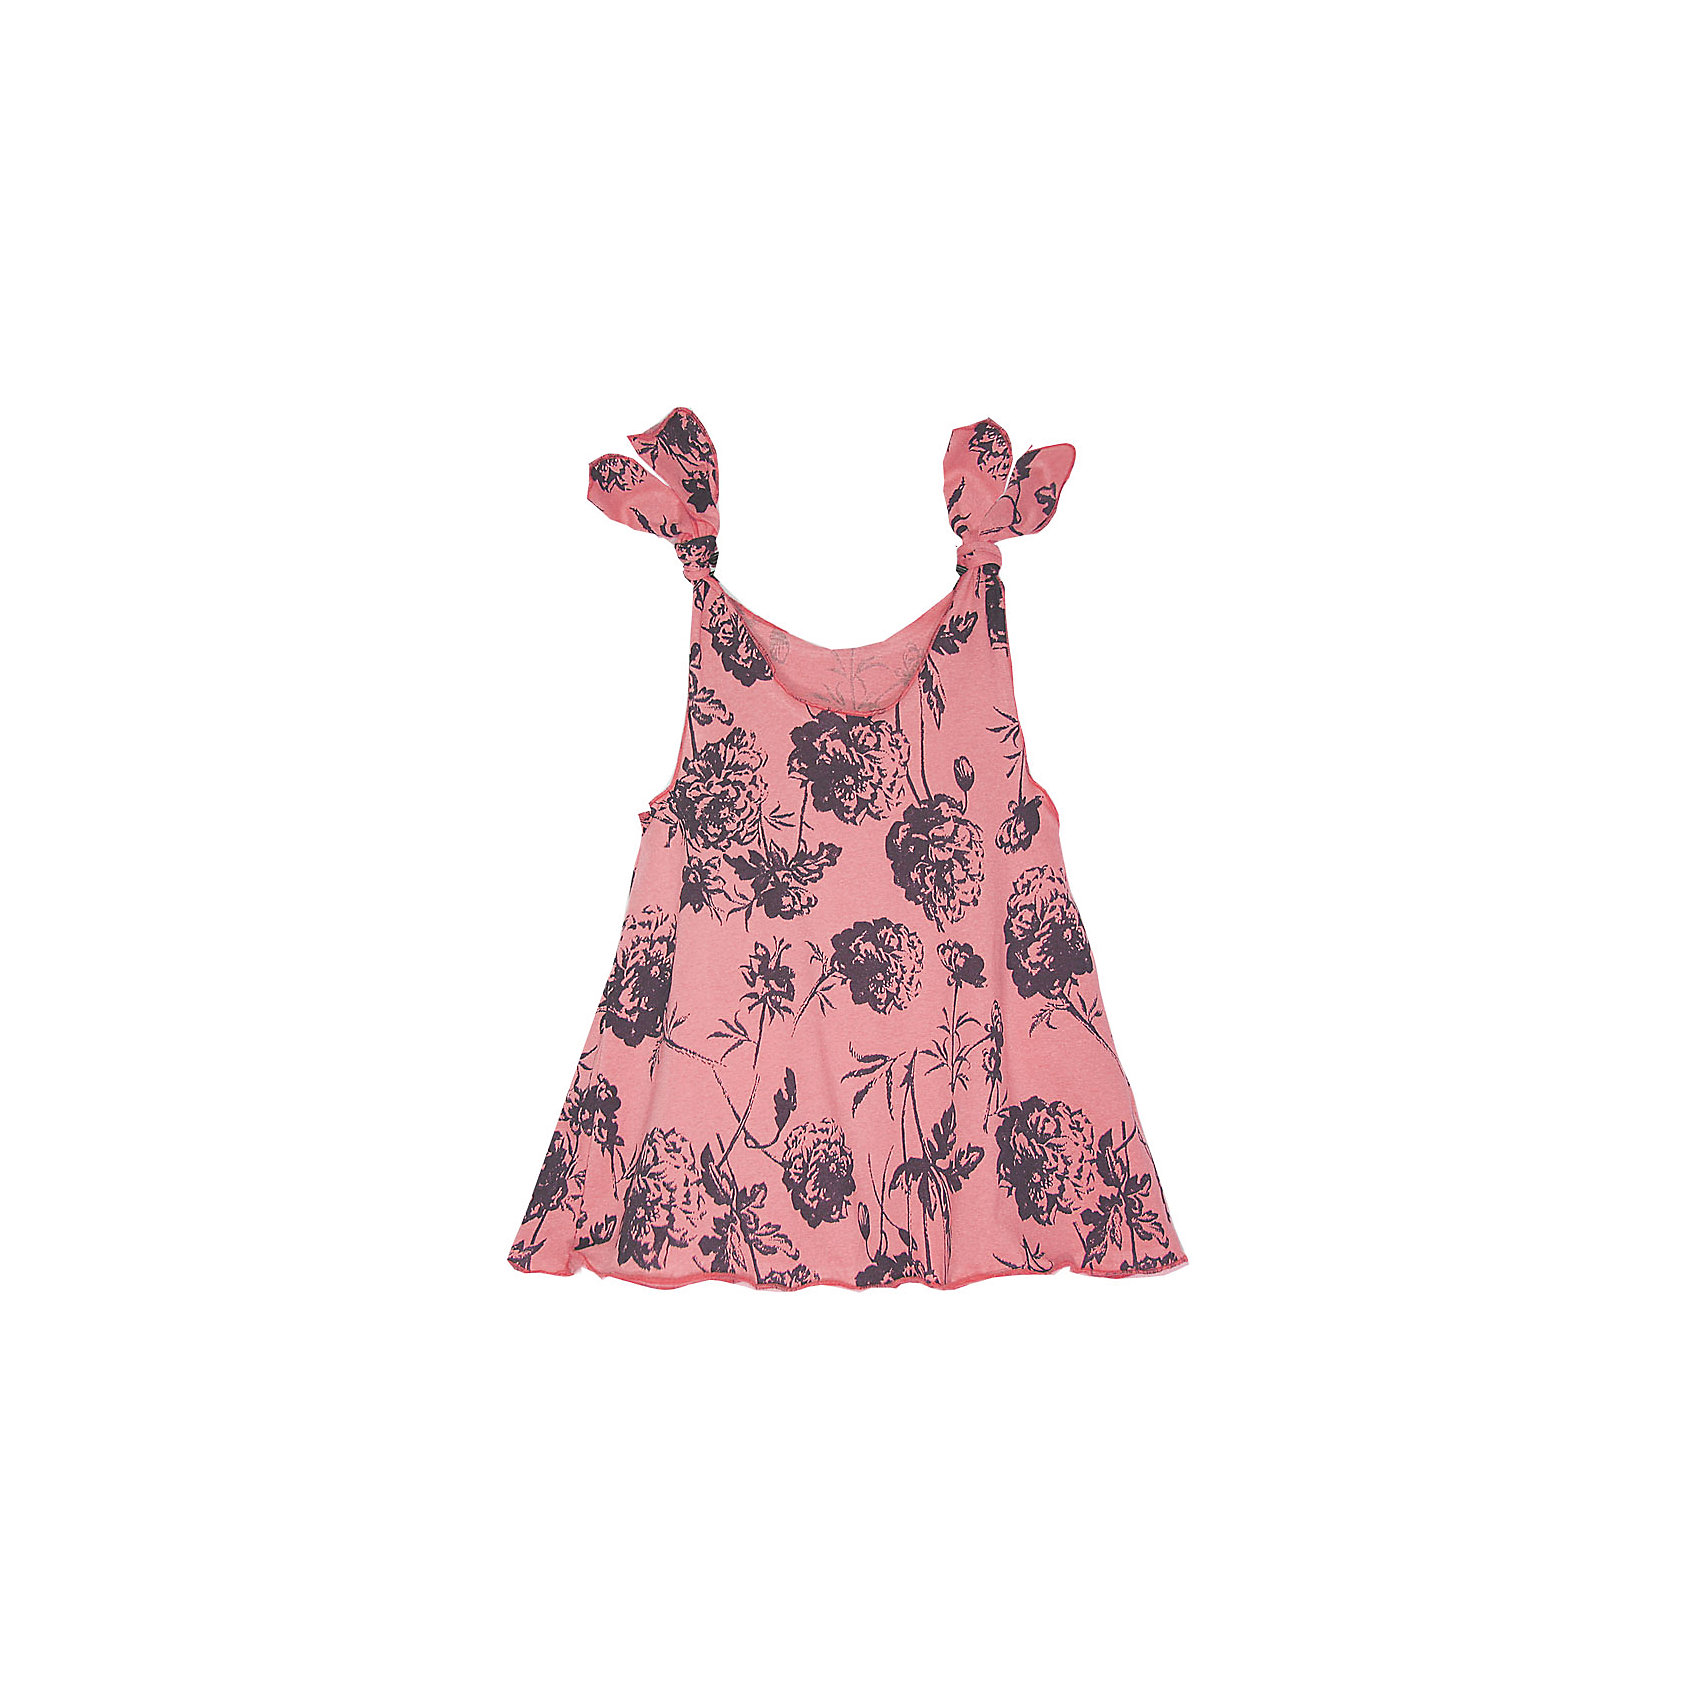 Платье для девочки KotMarKotПлатья и сарафаны<br>Платье для девочки KotMarKot<br>Состав:<br>100% хлопок<br><br>Ширина мм: 236<br>Глубина мм: 16<br>Высота мм: 184<br>Вес г: 177<br>Цвет: розовый<br>Возраст от месяцев: 72<br>Возраст до месяцев: 84<br>Пол: Женский<br>Возраст: Детский<br>Размер: 116,122,92,98,104,110<br>SKU: 6755140